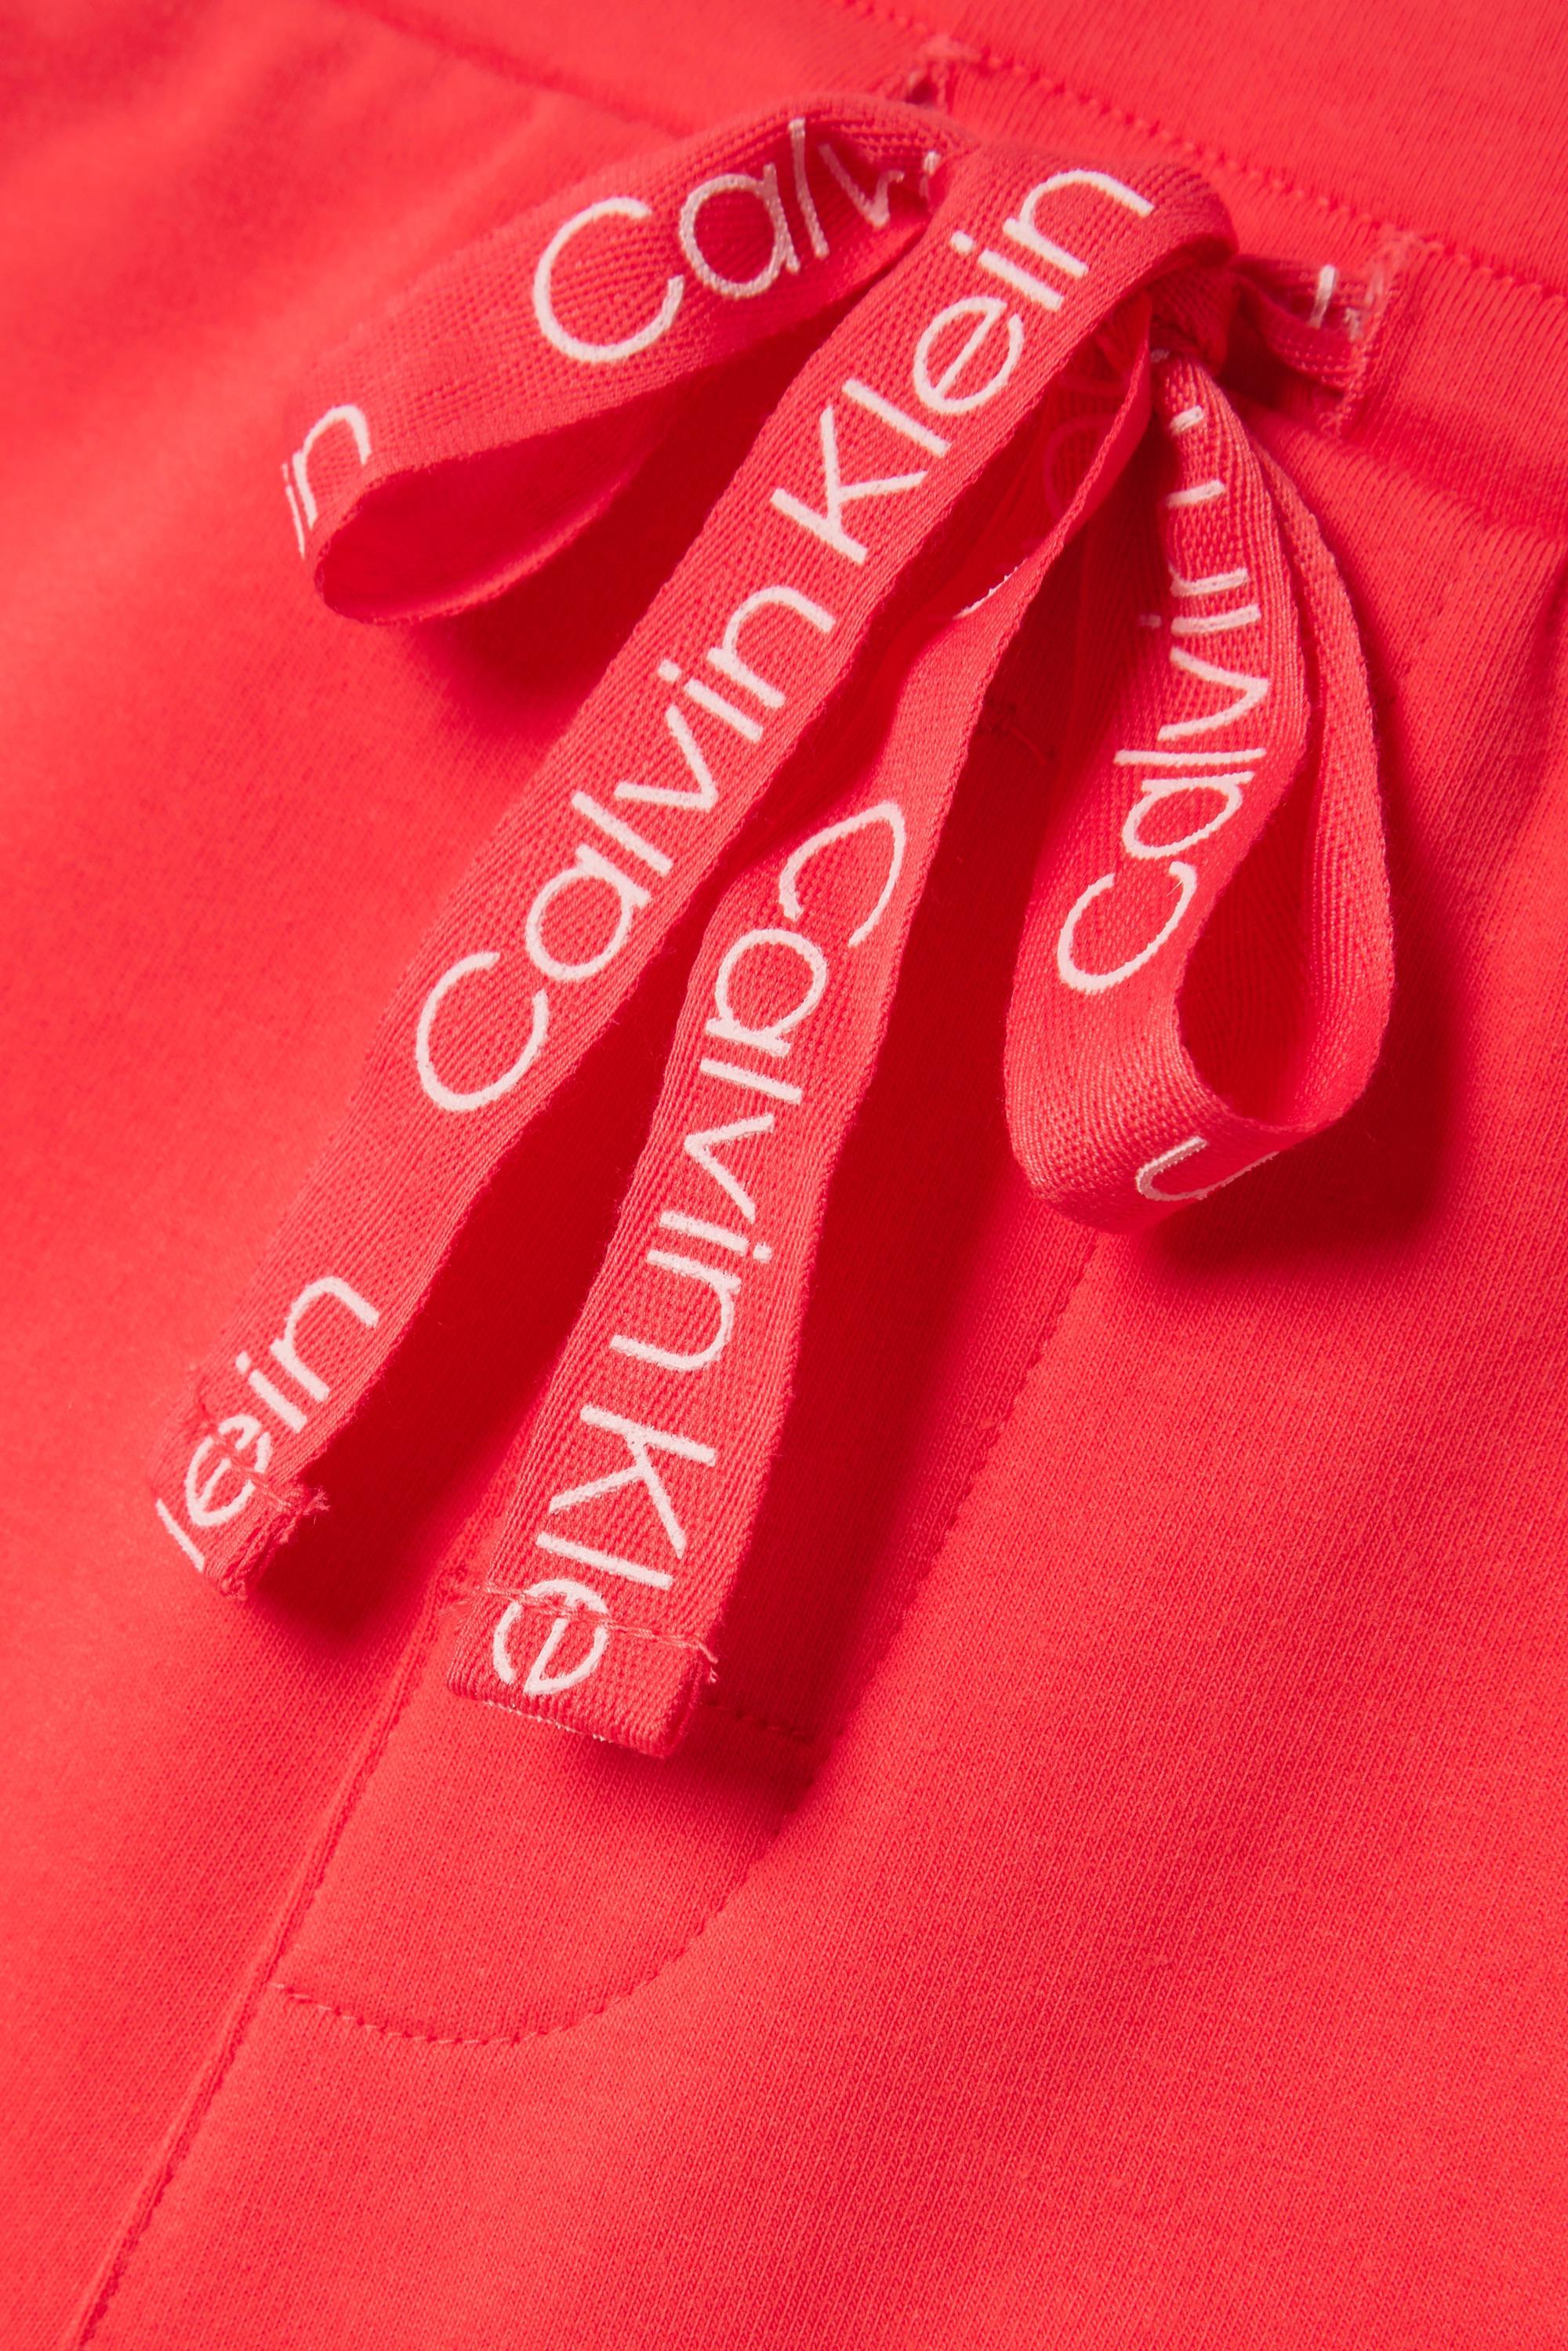 Calvin Klein Underwear Cotton-blend jersey pajama shorts